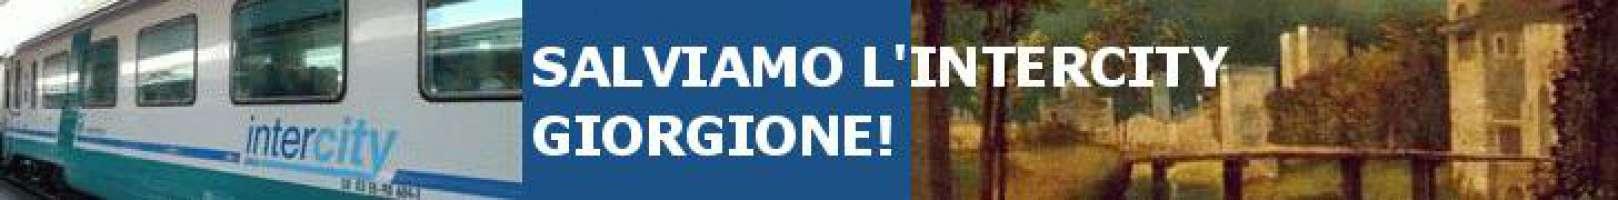 Salviamo l'Intercity Giorgione!